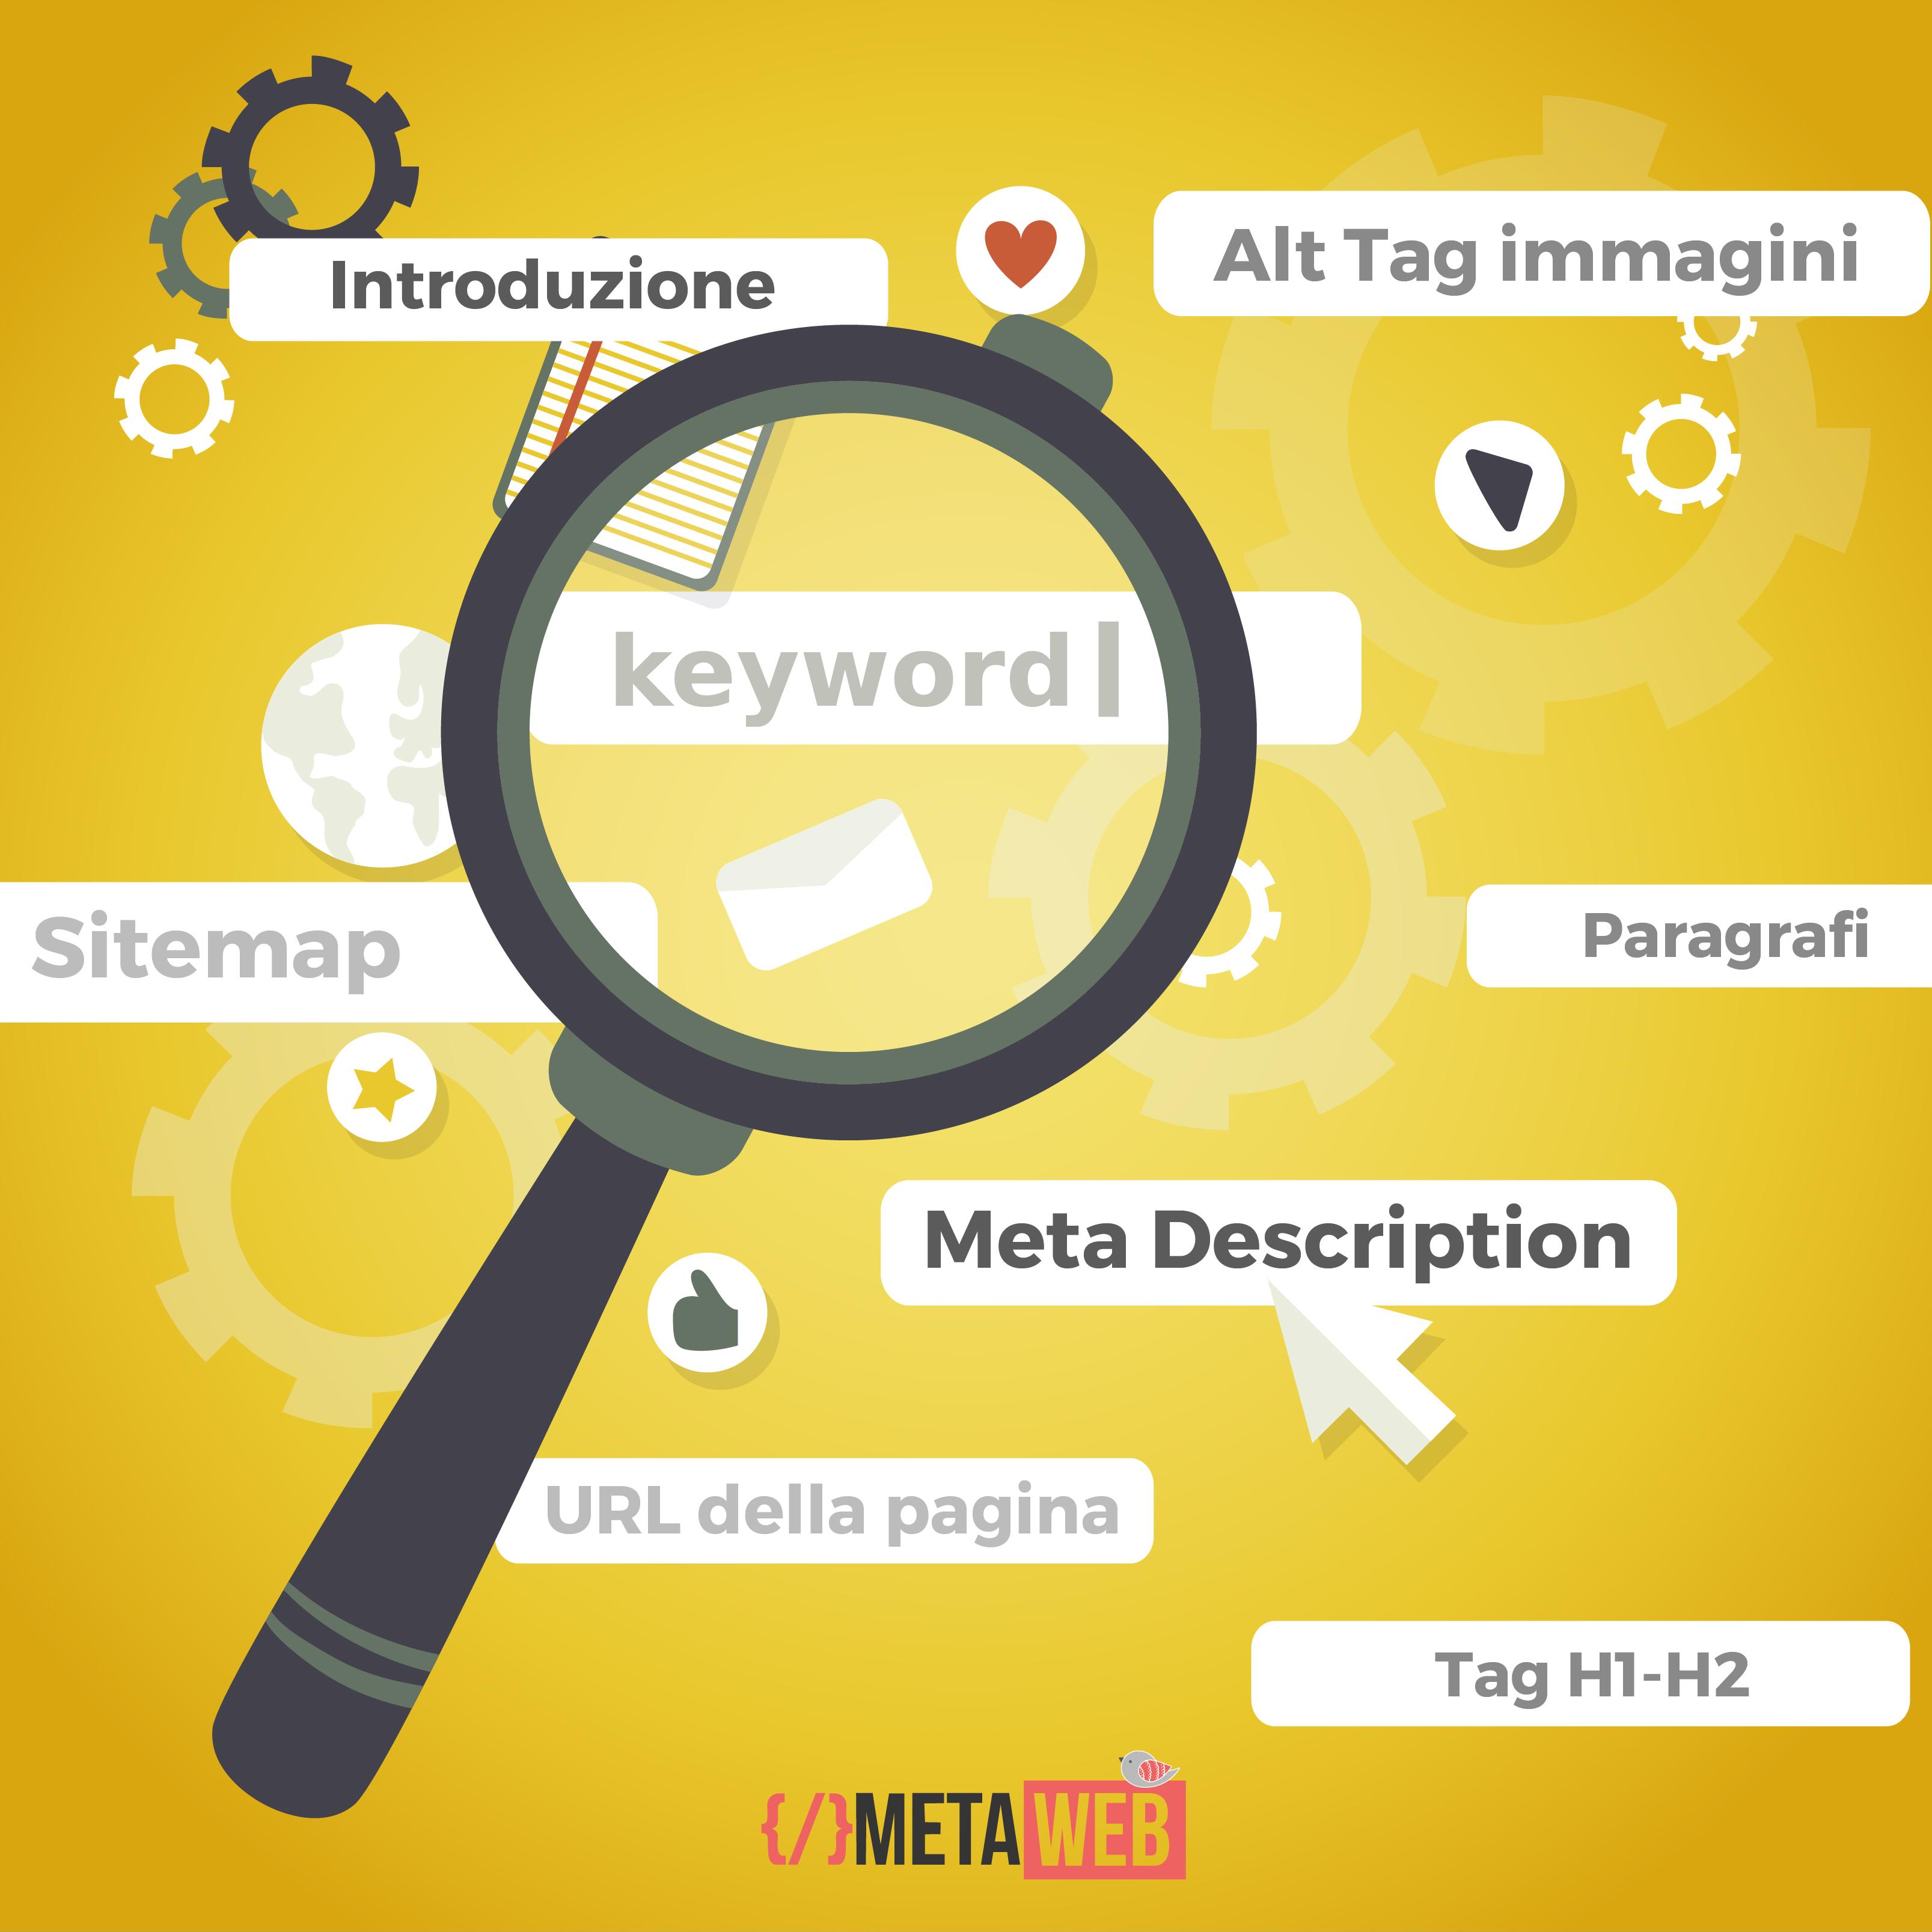 SEO e ottimizzazione siti web per i motori di ricerca